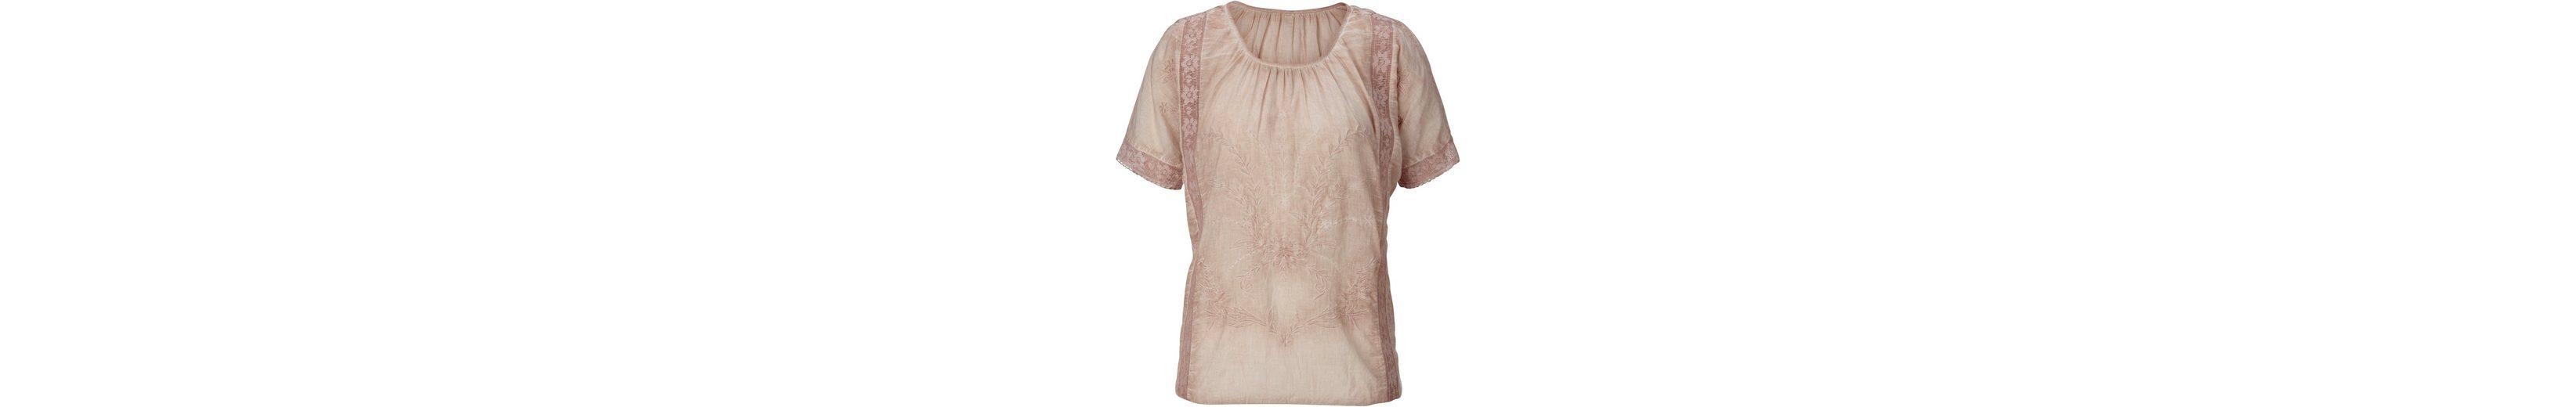 Alessa W. Bluse aus reiner Baumwolle Günstiger Preis Auslass Verkauf sJEwTC9q29